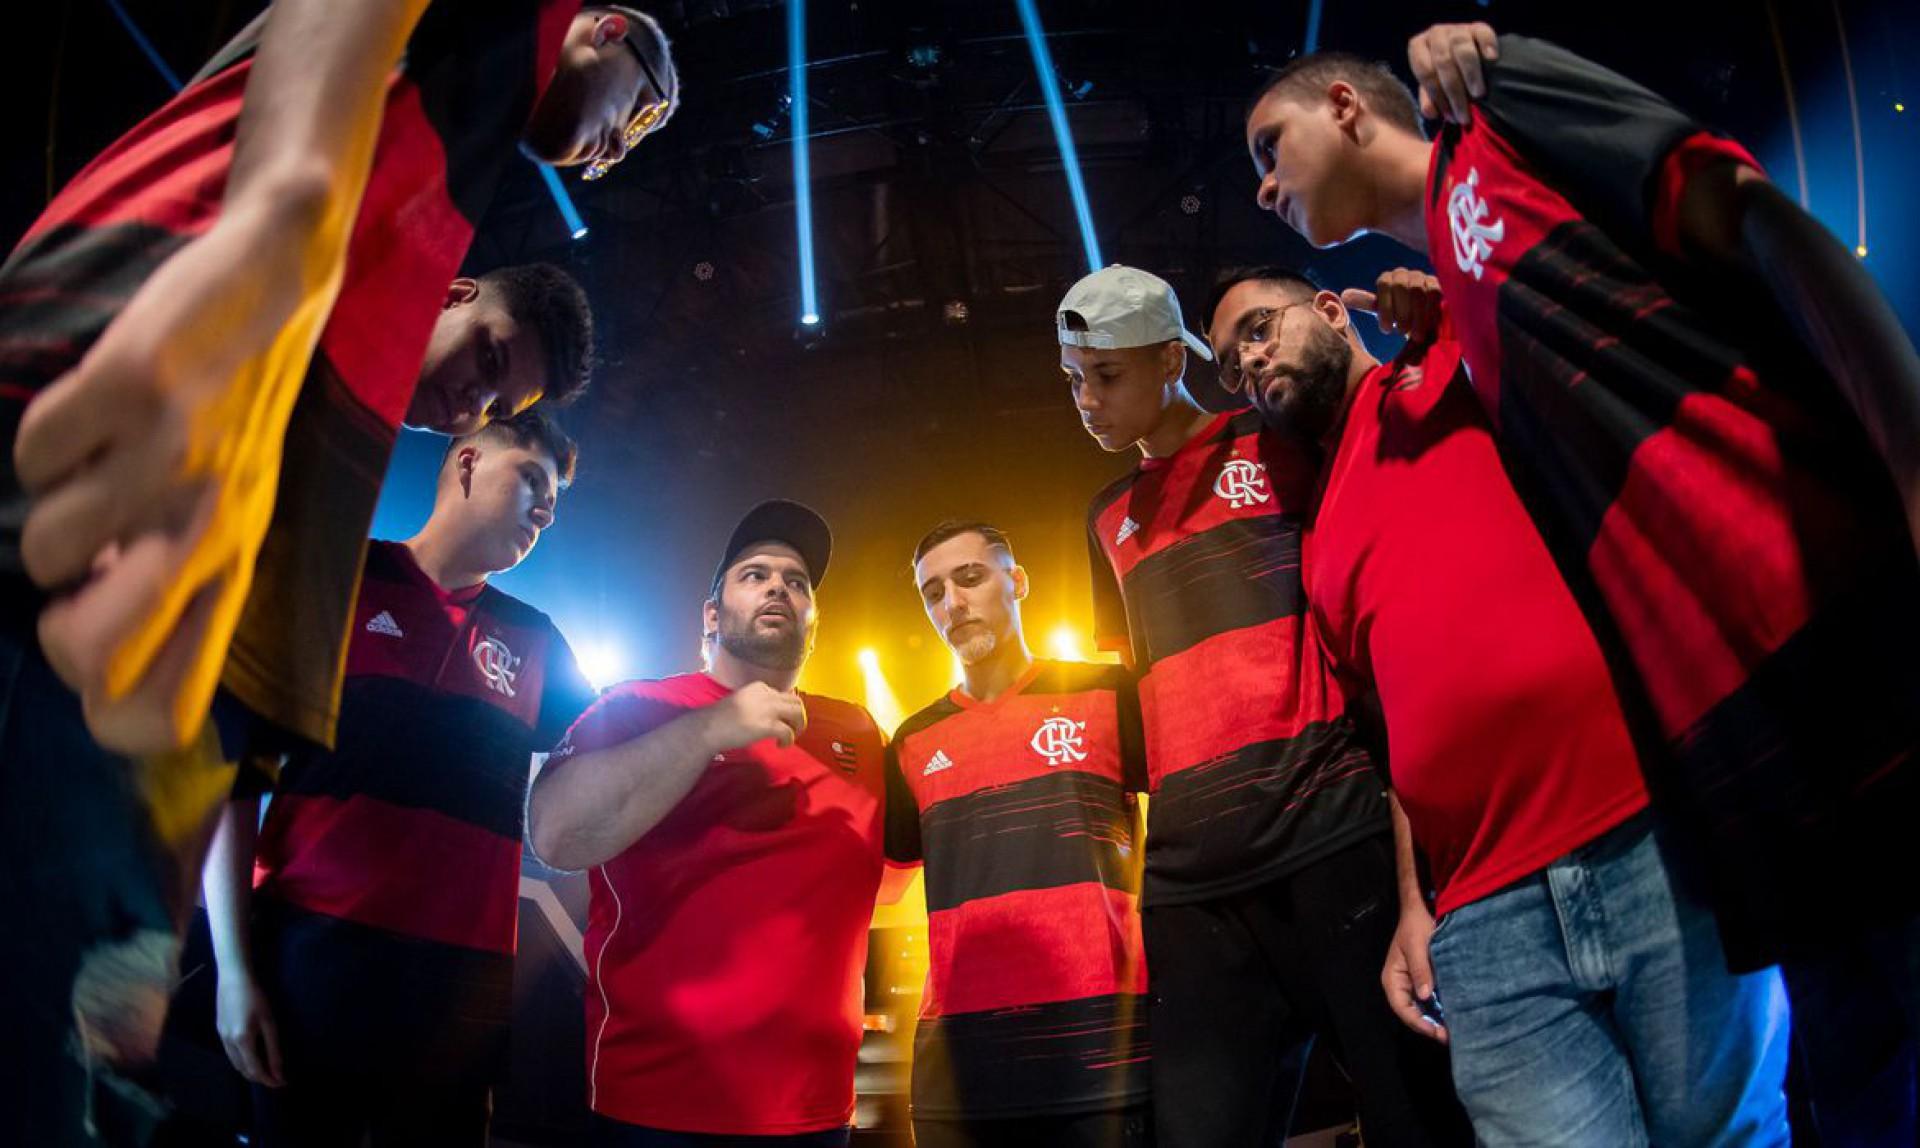 Coluna - Flamengo vai do céu ao inferno no LoL e Free Fire